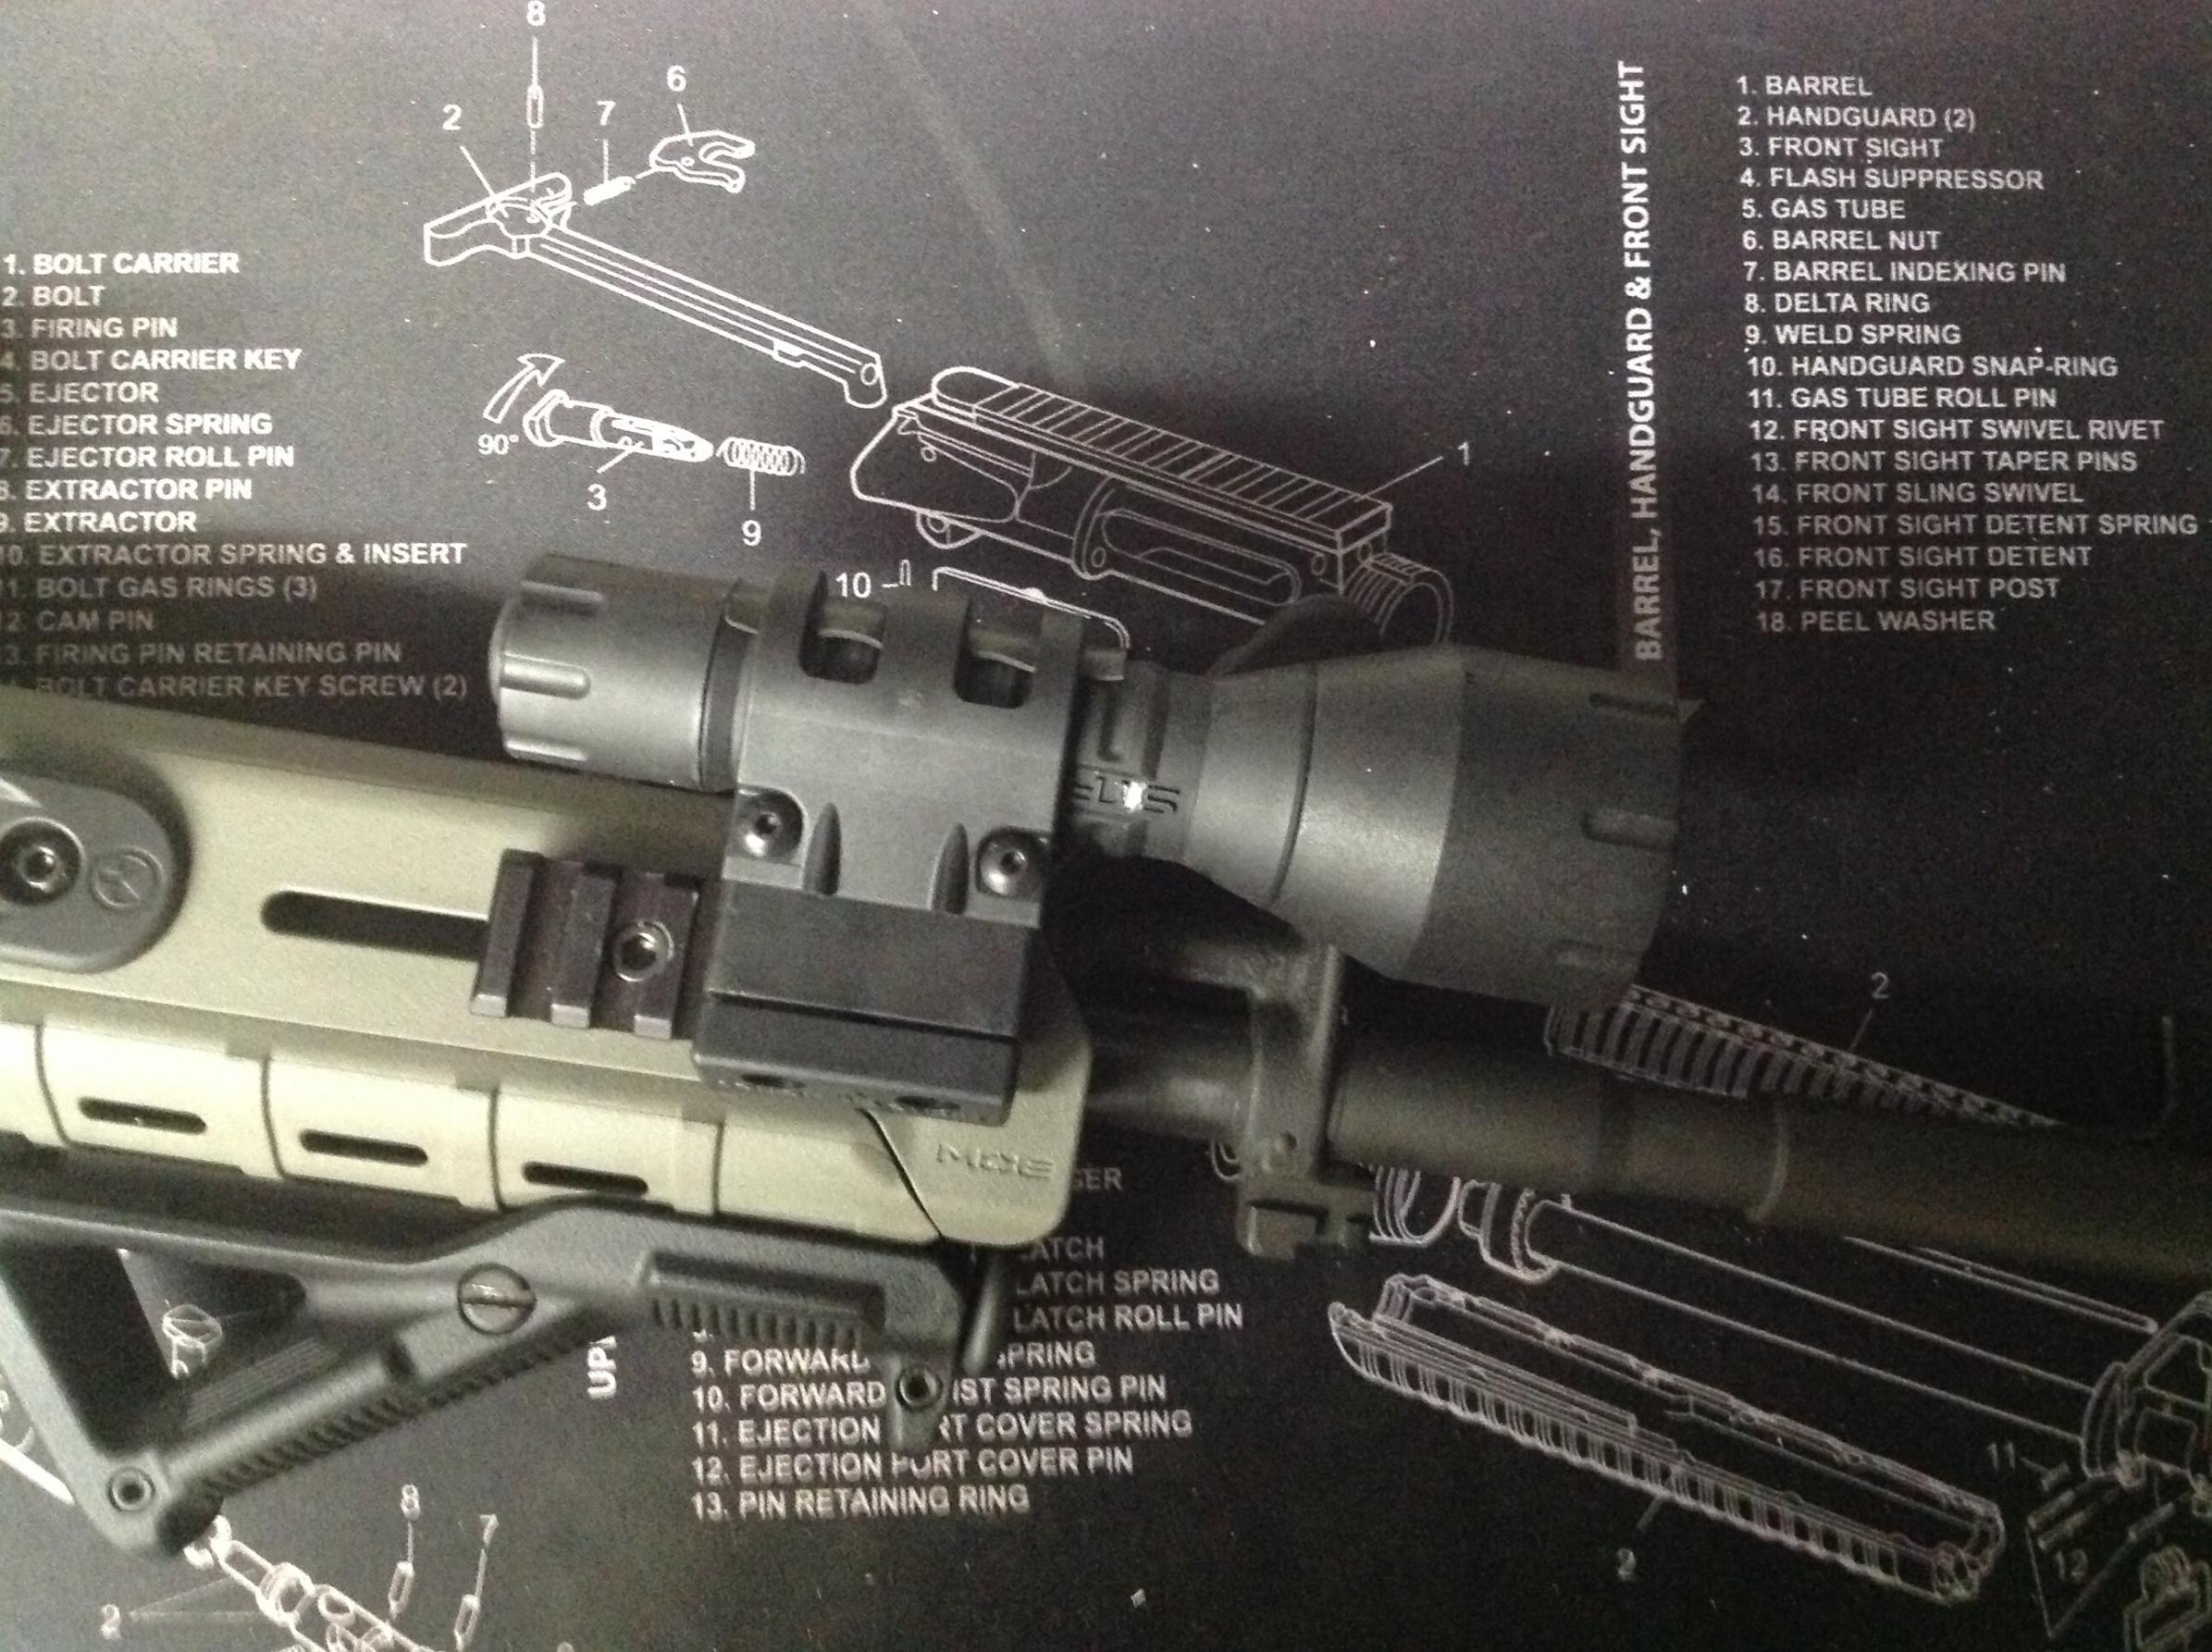 New light mount for my AR15- v-tac mount-image.jpg